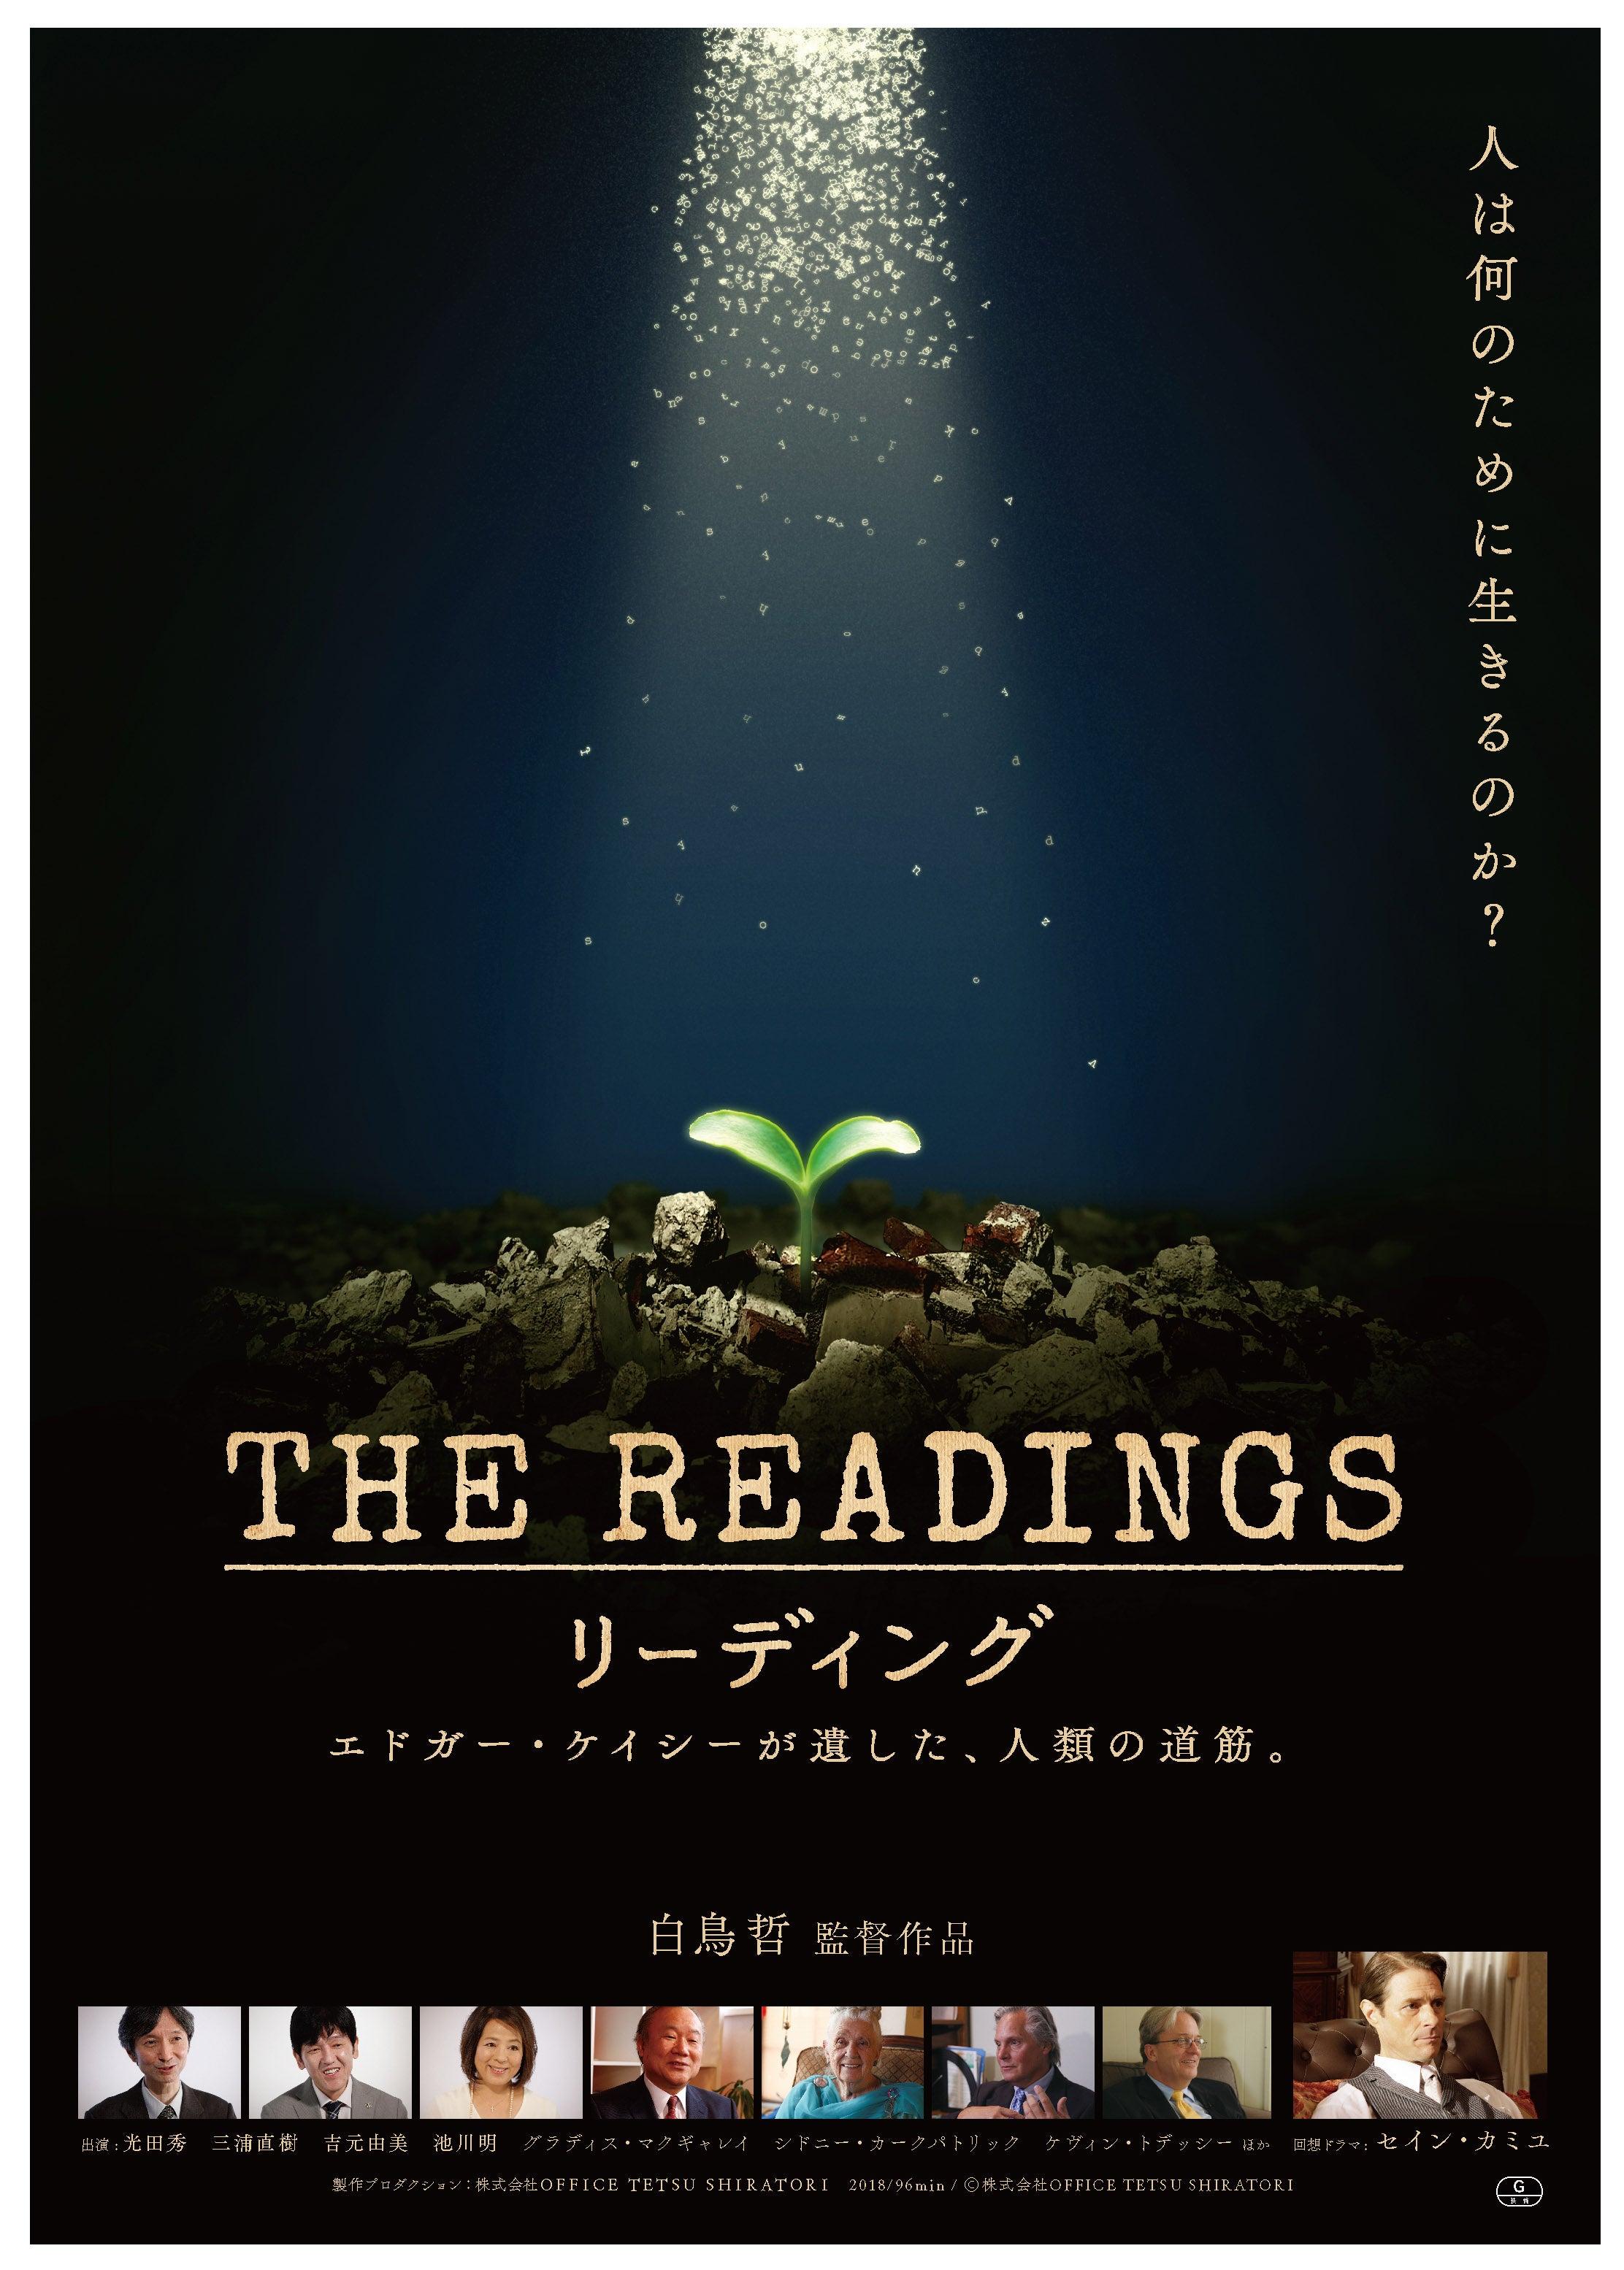 映畫「リーディング」全國上映中! | OFFICE TETSU SHIRATORI 地球蘇生プロジェクト 公式ブログ